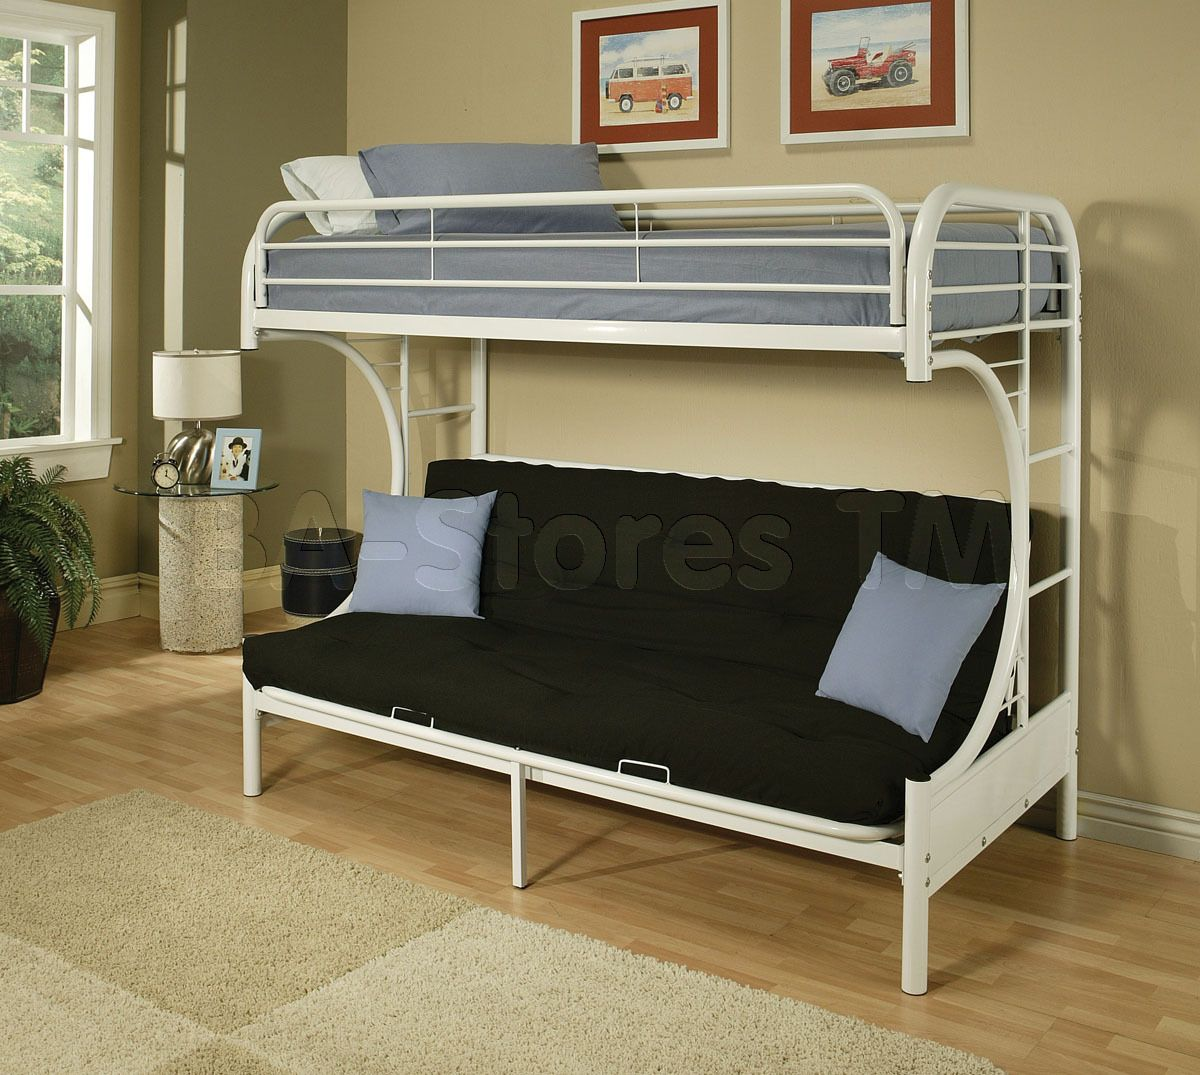 Eclipse White Metal Twin over Full Futon Bunk Bed Futon